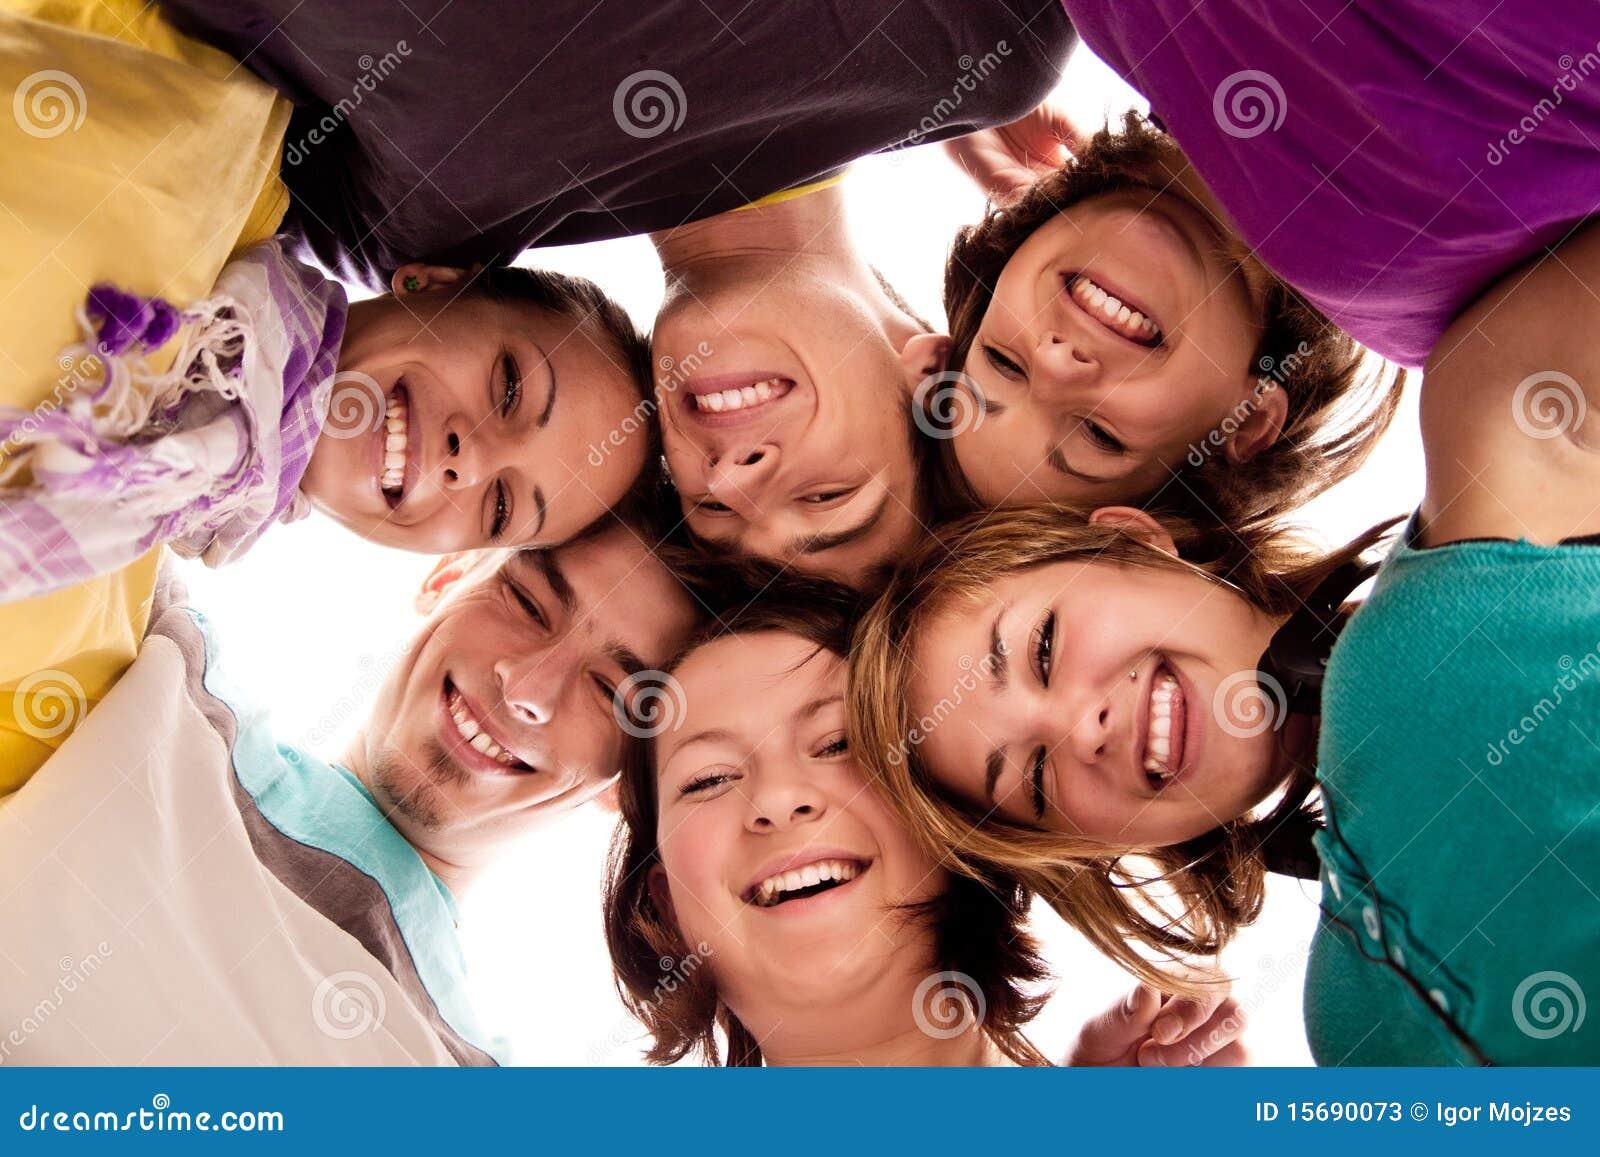 Adolescents ah vidéo pouces adolescent